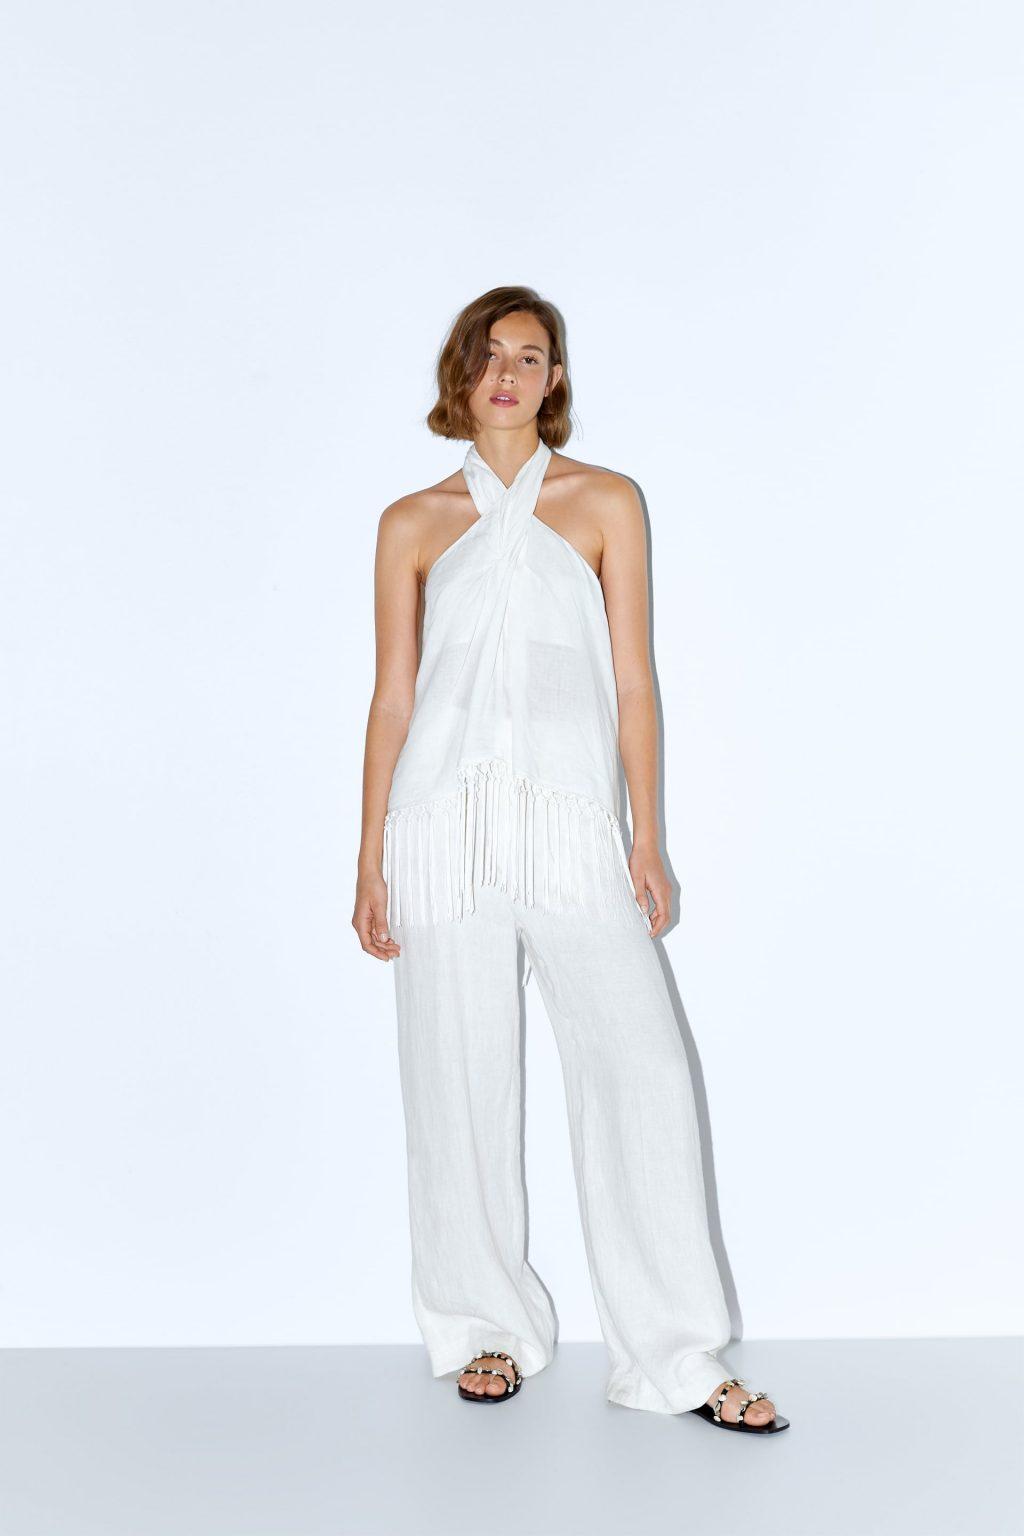 trang phục linen - áo cổ yếm màu trắng